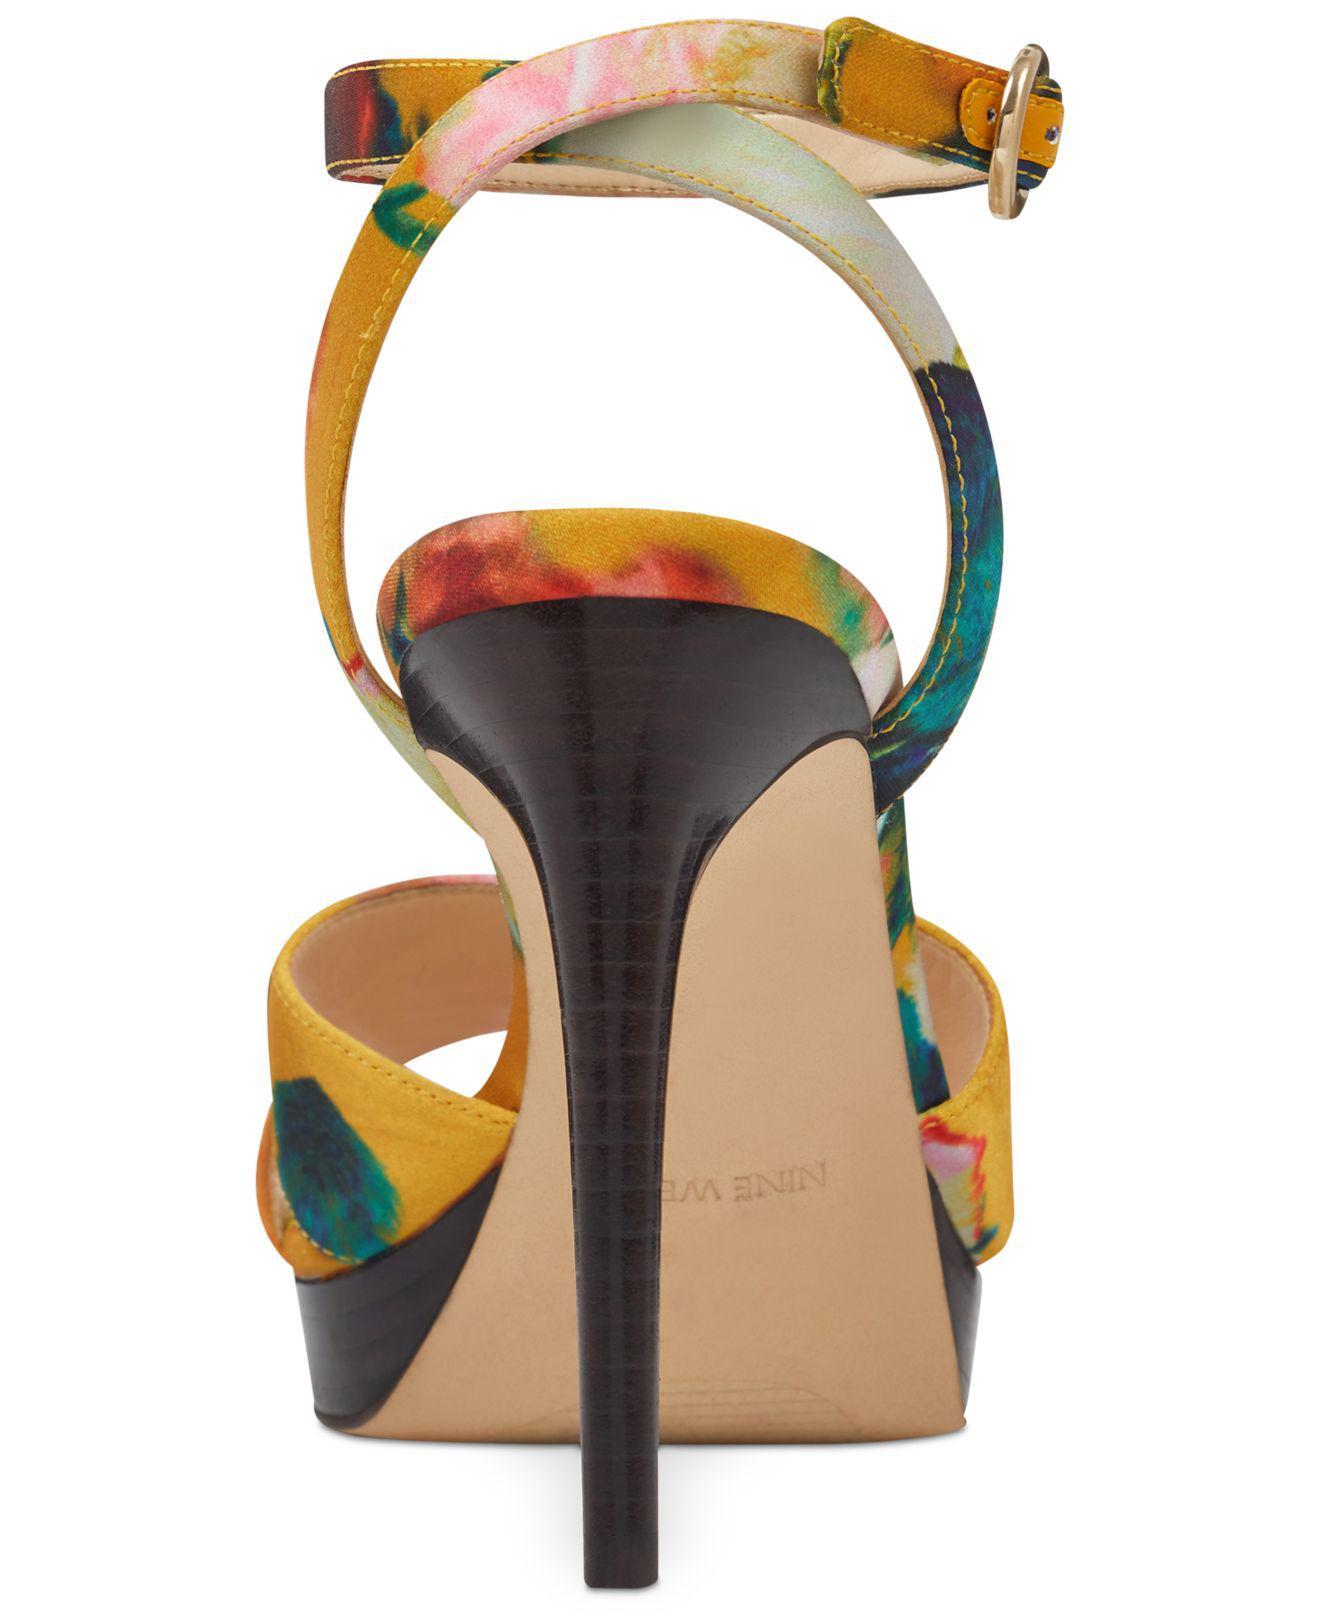 ced77361c6 Nine West Quisha Platform Sandals in Yellow - Lyst